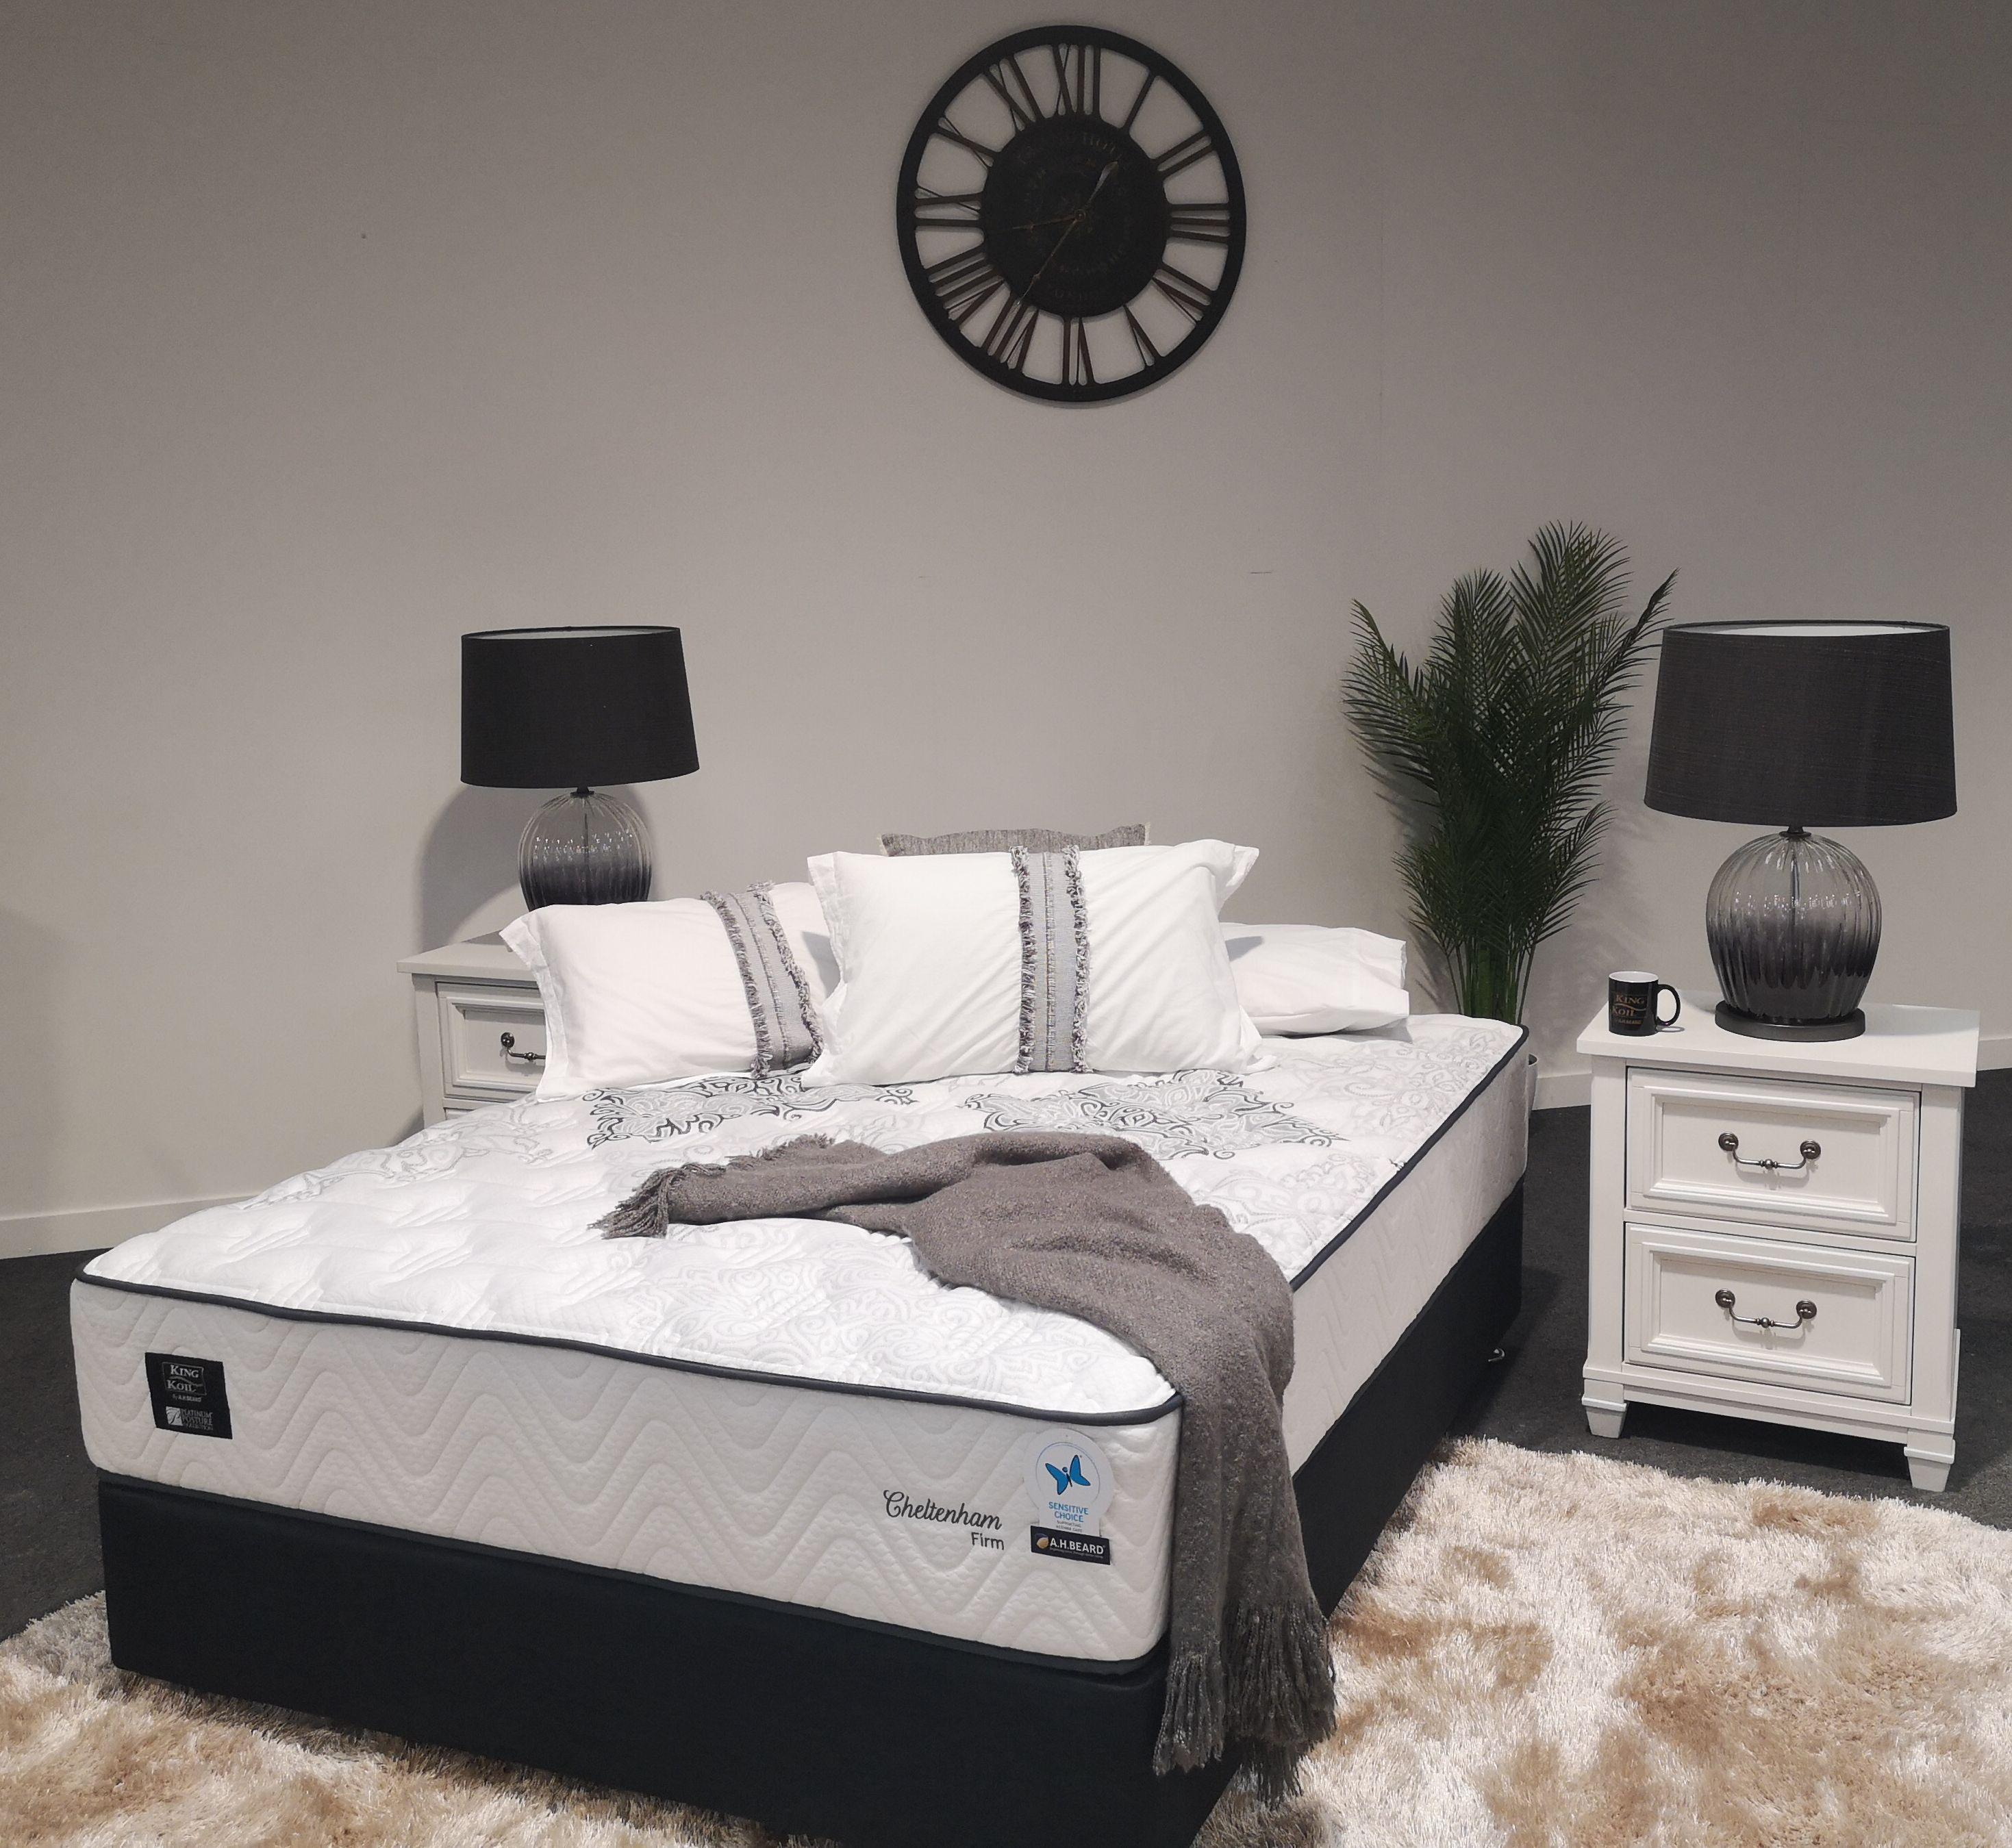 CHELTENHAM FIRM QUEEN BED